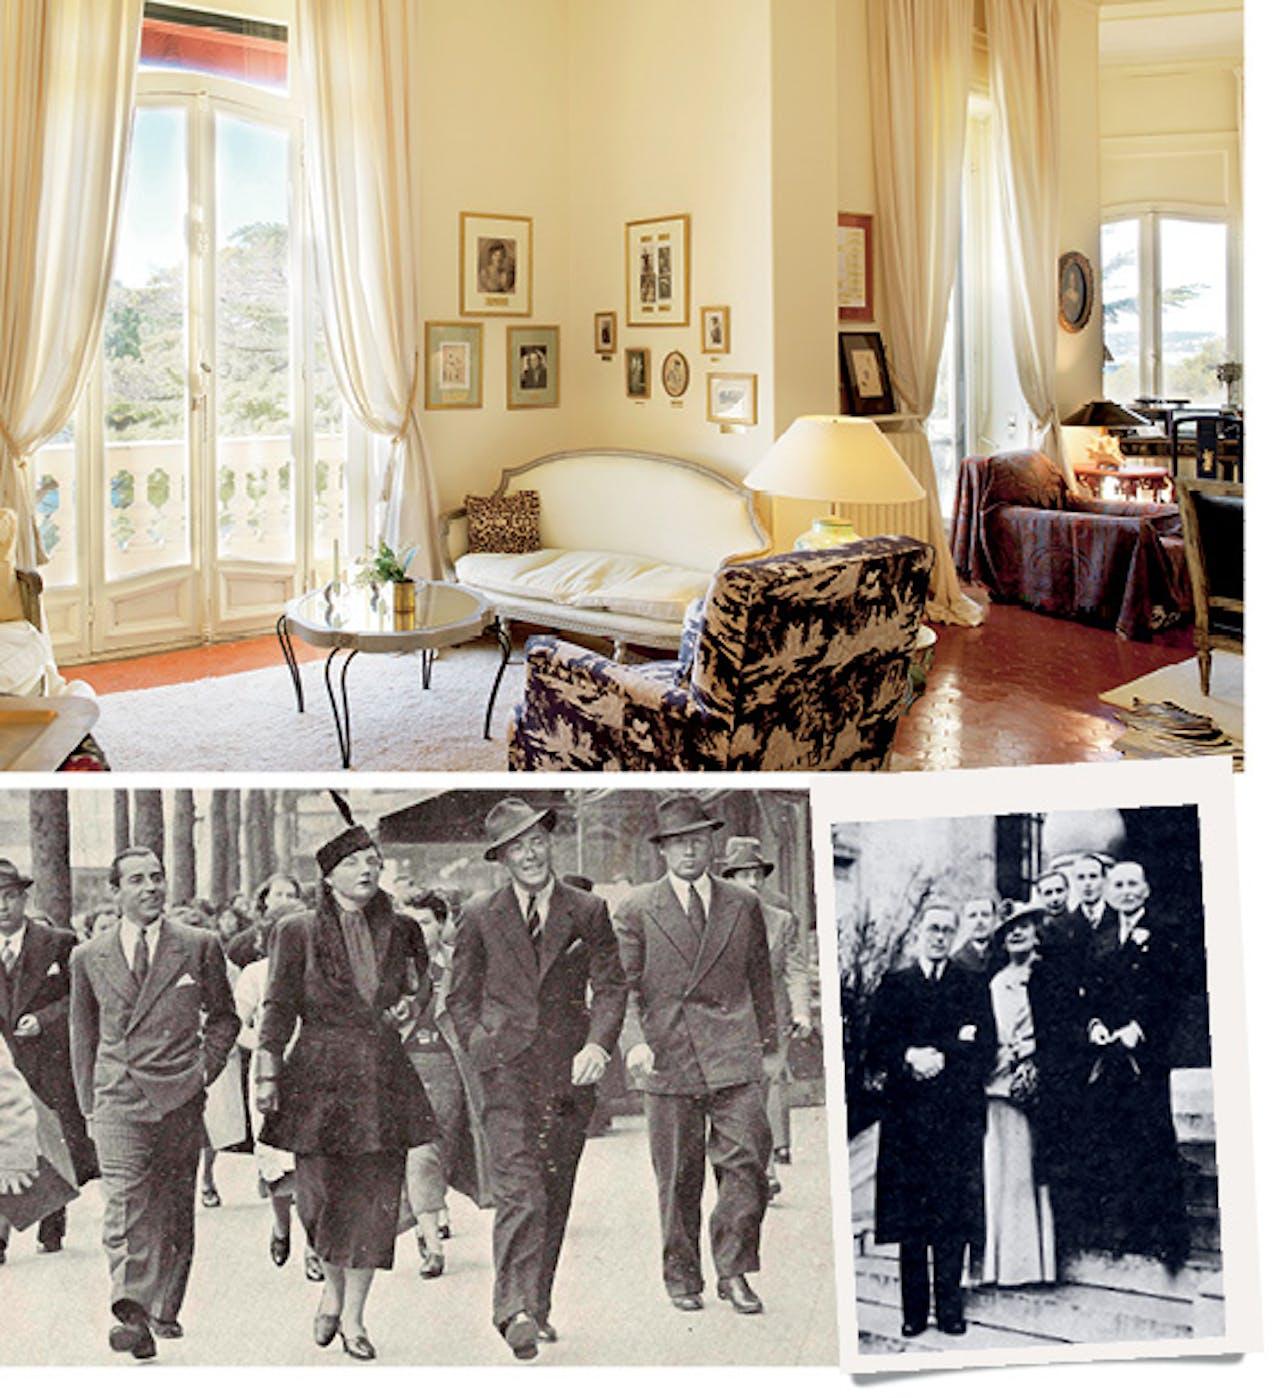 Hierboven: prinses Juliana en prins Bernhard tijdens hun huwelijkreis in Parijs, 1936. De prins is ook aanwezig tijdens het huwelijk van 'tante' Allene met haar vijfde echtgenoot, de Russische graaf Paul de Kotzebue in Genève, Zwitserland (rechts).